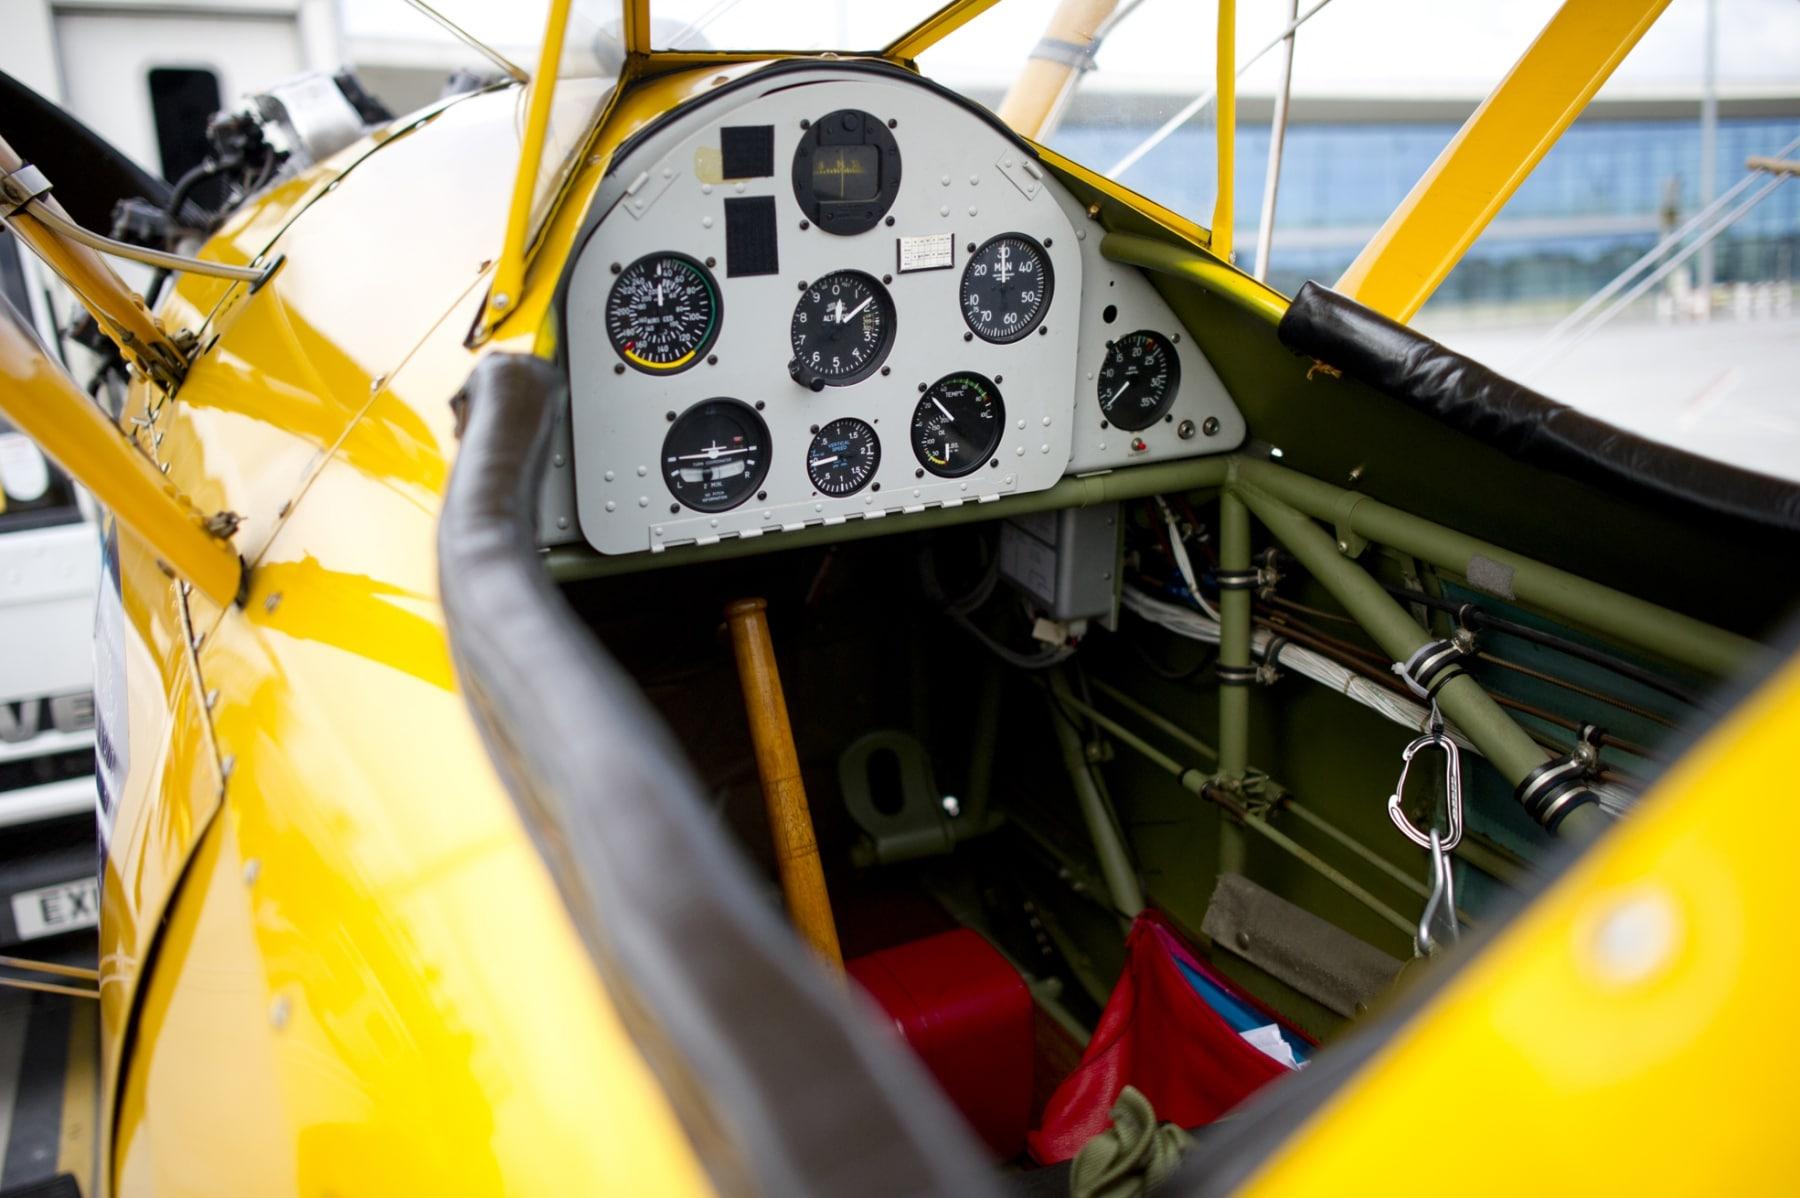 tom-lackey-acrobata-aereo-de-94-anos-en-gibraltar-10102014-04_15329667847_o